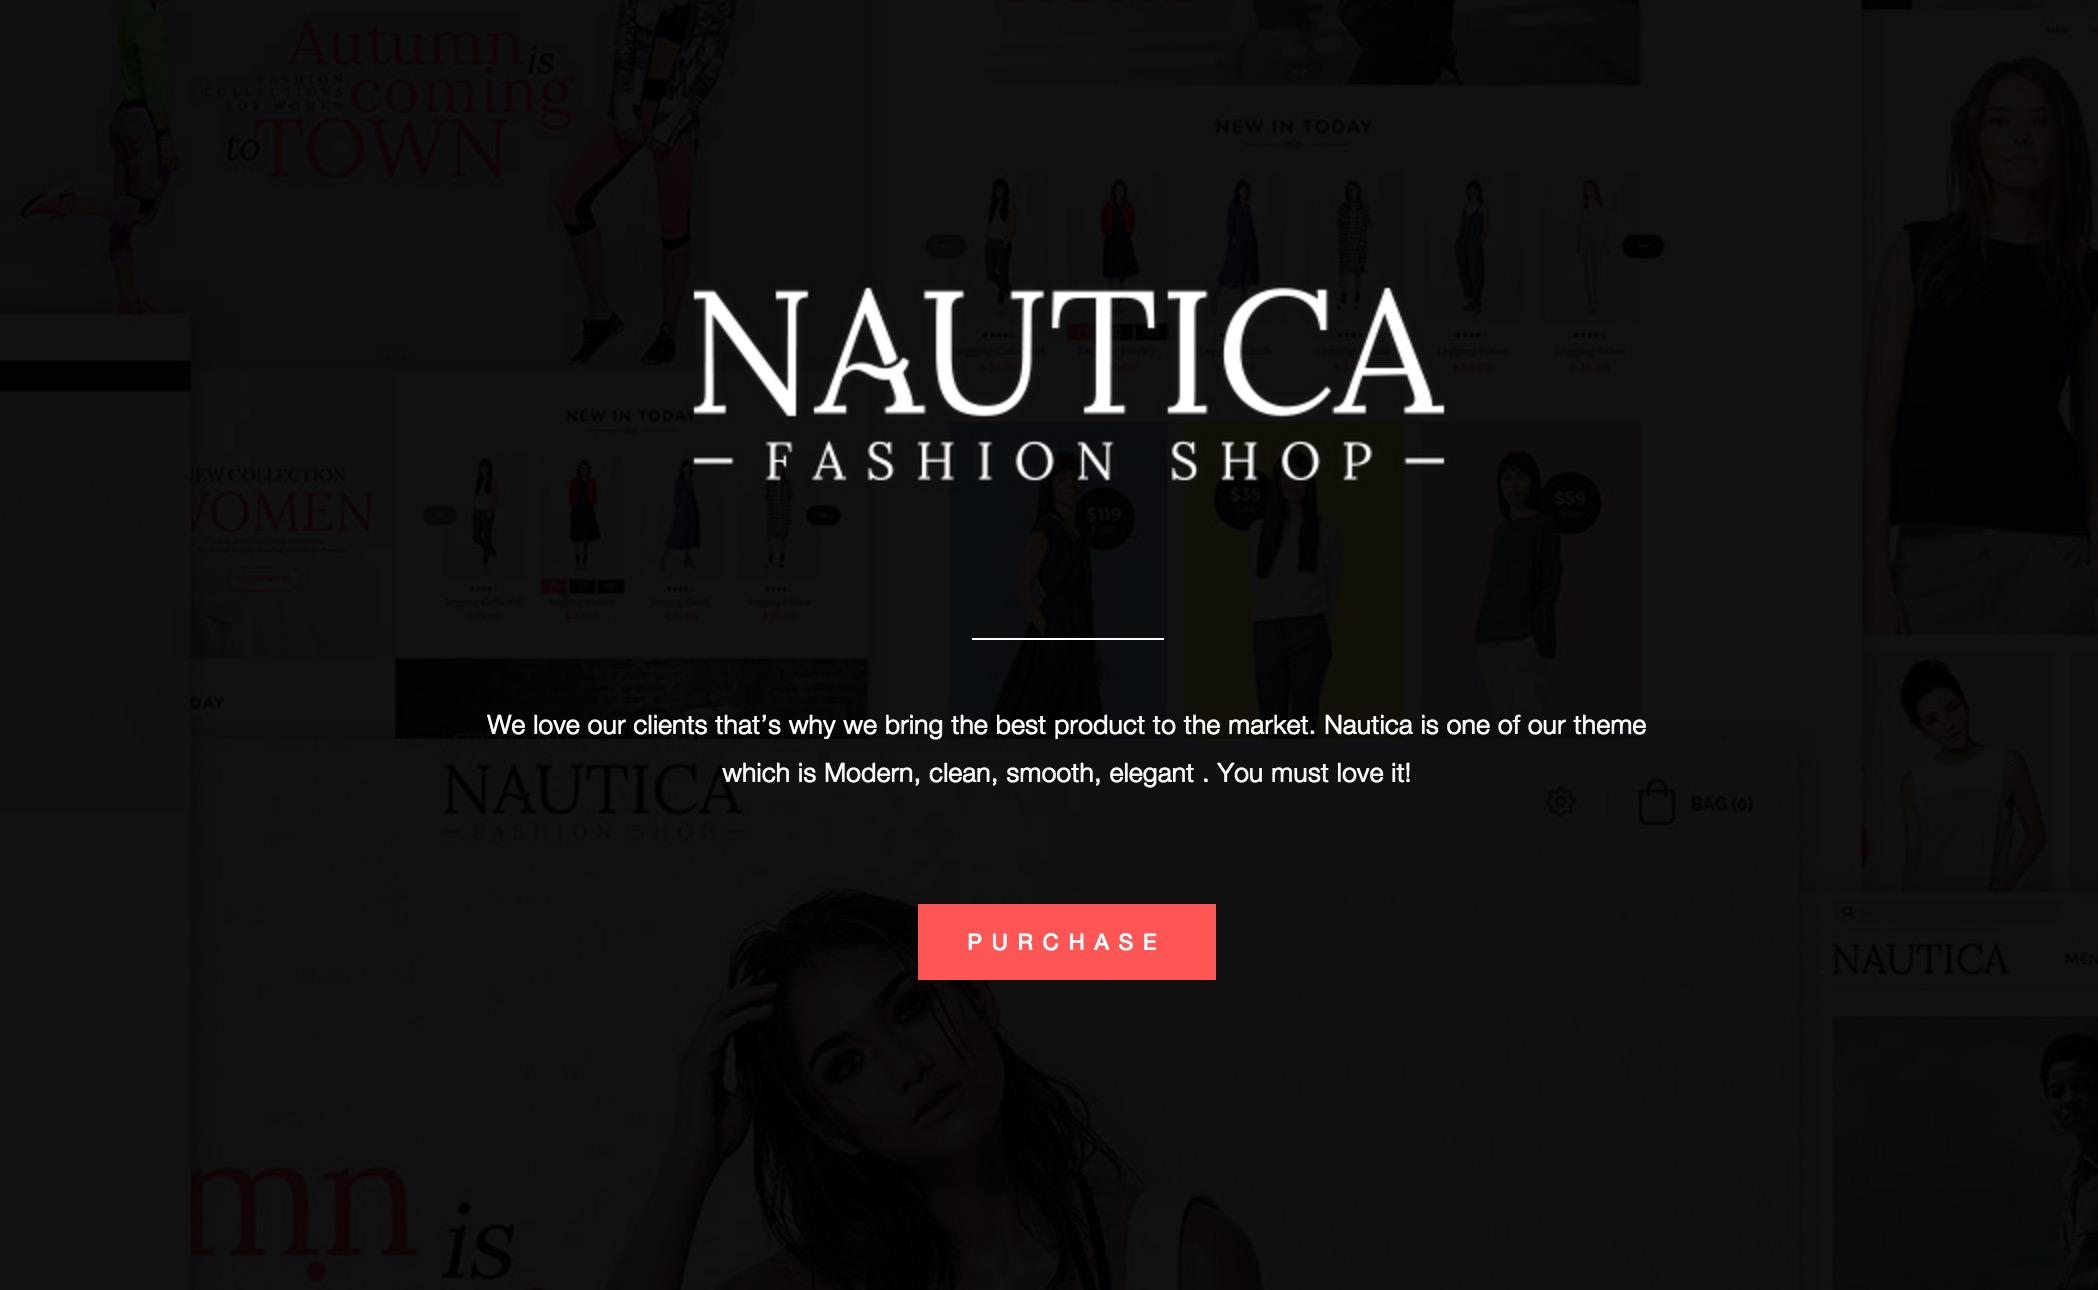 TV Nautica - Responsive Magento Fashion Theme